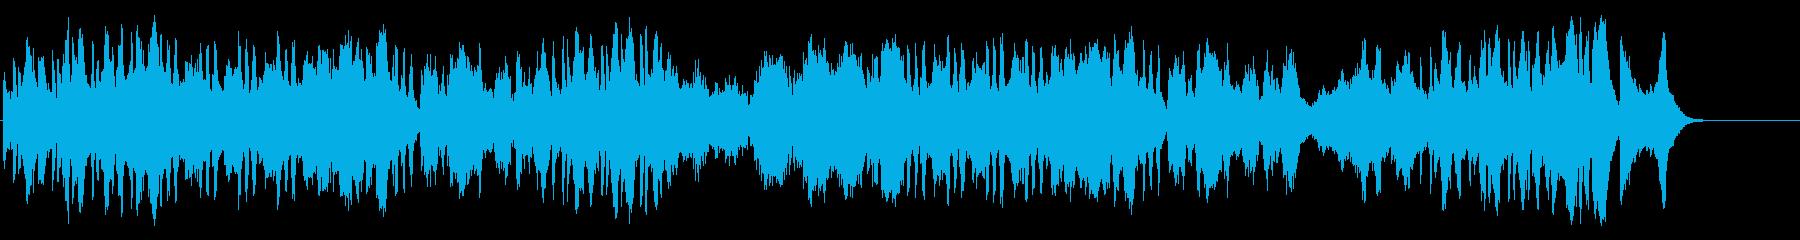 華々しく気品高いオープニング風クラシックの再生済みの波形